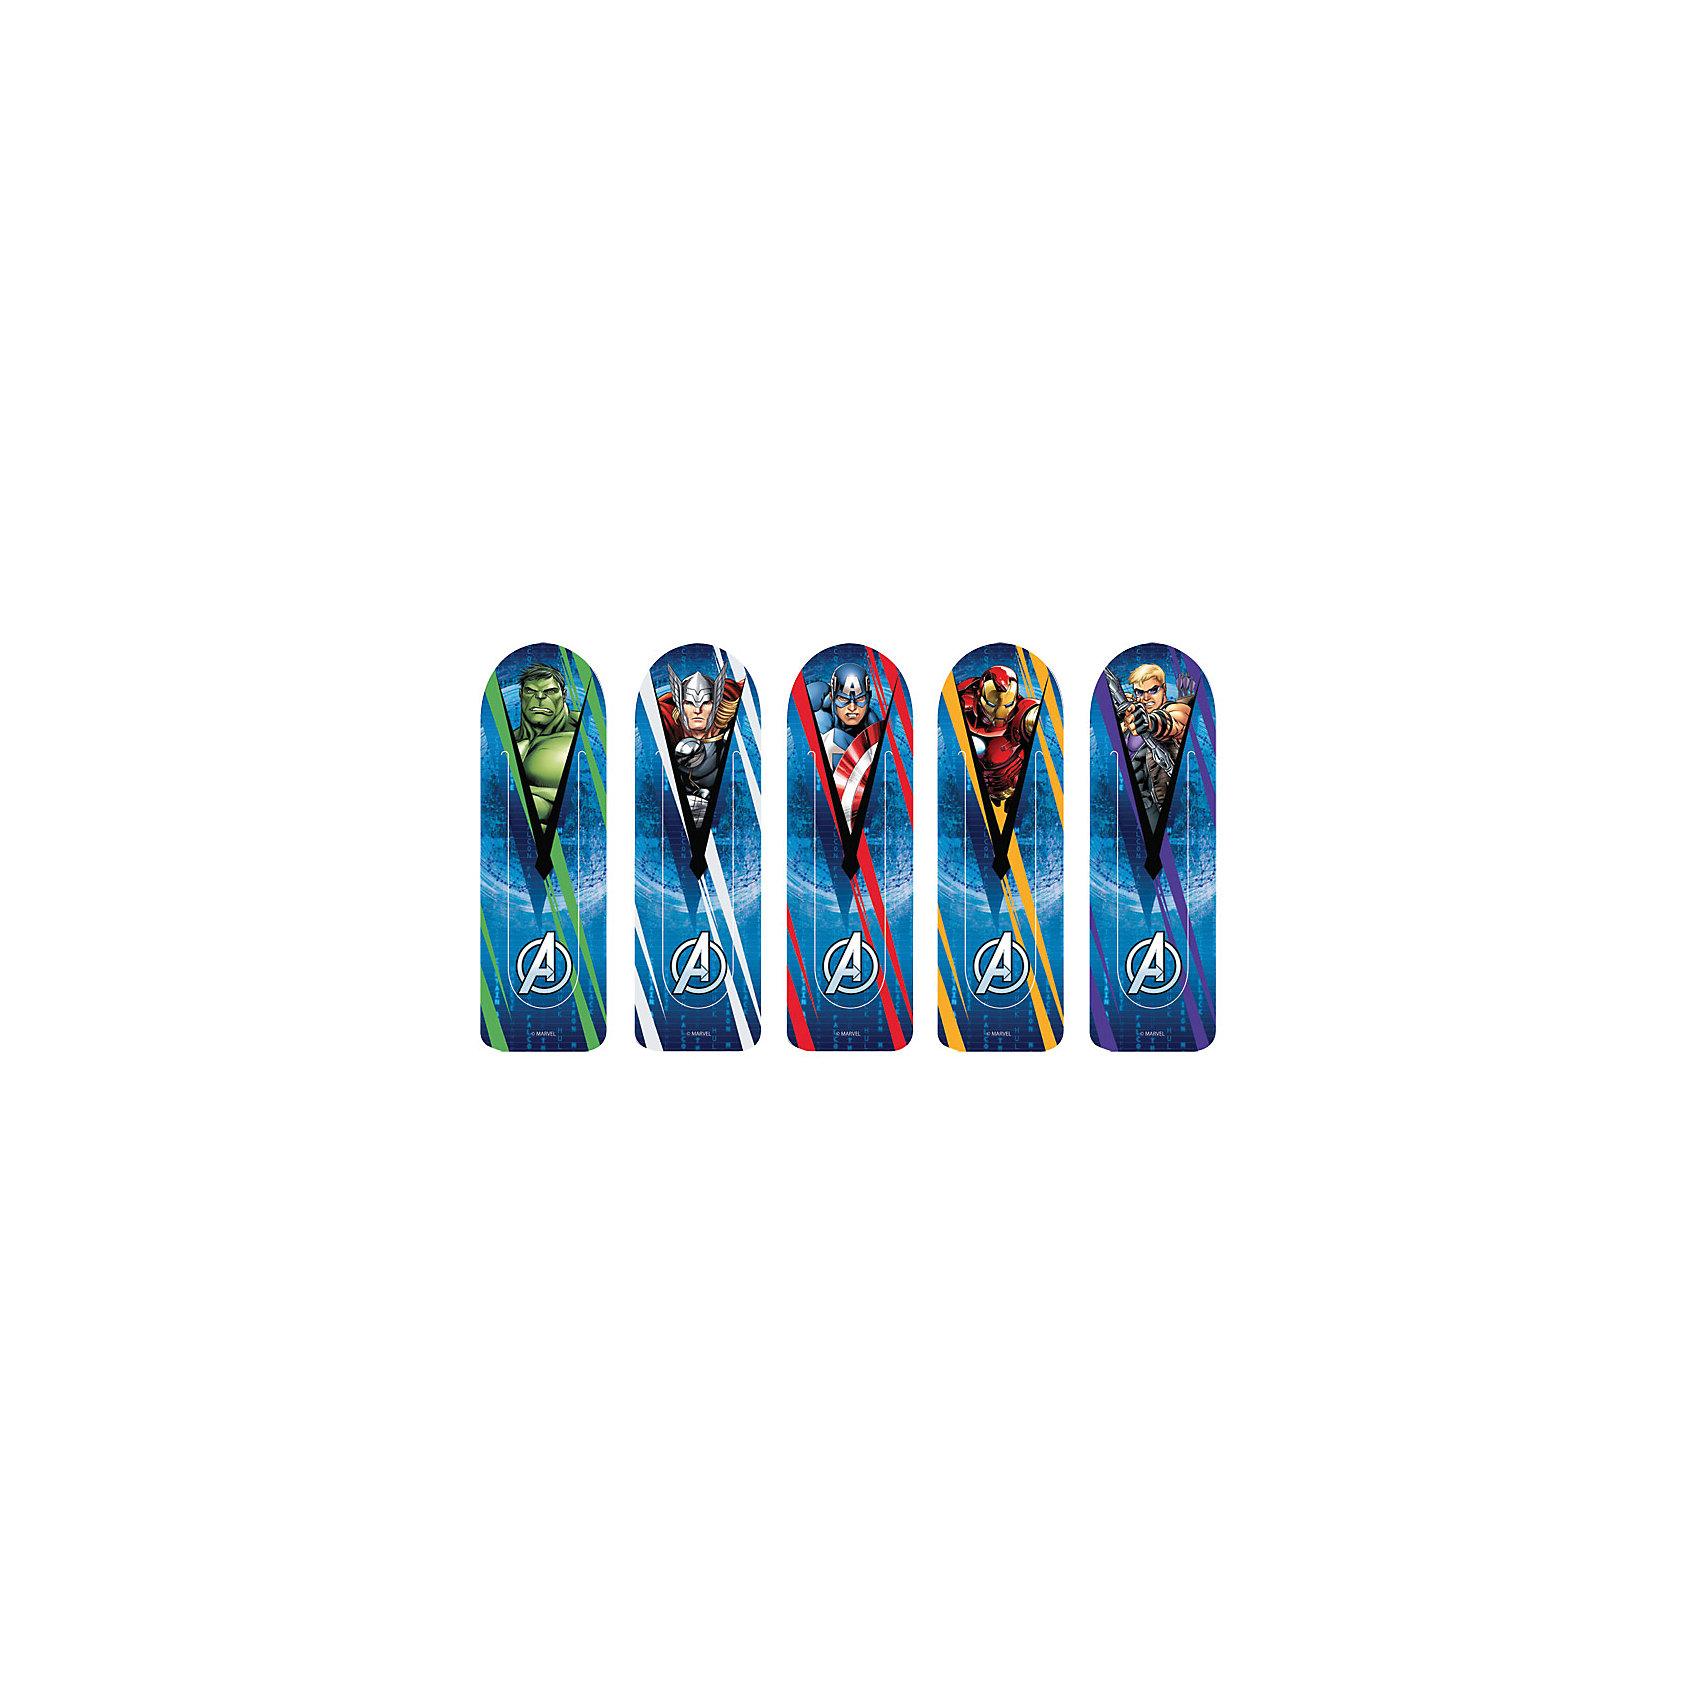 Набор фигурных закладок Мстители, MarvelФотоальбомы, закладки и ростомеры<br>Характеристики набора фигурных закладок Мстители, Marvel: <br><br>• тип: пластиковые узкие закладки<br>• упаковка: блистер<br>• материал изготовления: пластик<br>• размер упаковки: 15 x 5 х 10 см<br>• вес:19 г<br>• страна обладатель бренда: США<br>• страна изготовления: Россия<br><br>Набор фигурных закладок лицензионного дизайна Marvel Мстители по мотивам популярных комиксов и последующих полнометражных фильмов и мультсериалов. В блистере 5 штук. Материал - полипропилен. Изготовлены в Санкт-Петербурге.<br><br>Набор фигурных закладок лицензионного дизайна Marvel Мстители можно купить в нашем интернет-магазине.<br><br>Ширина мм: 190<br>Глубина мм: 300<br>Высота мм: 600<br>Вес г: 18<br>Возраст от месяцев: 48<br>Возраст до месяцев: 144<br>Пол: Мужской<br>Возраст: Детский<br>SKU: 5475497